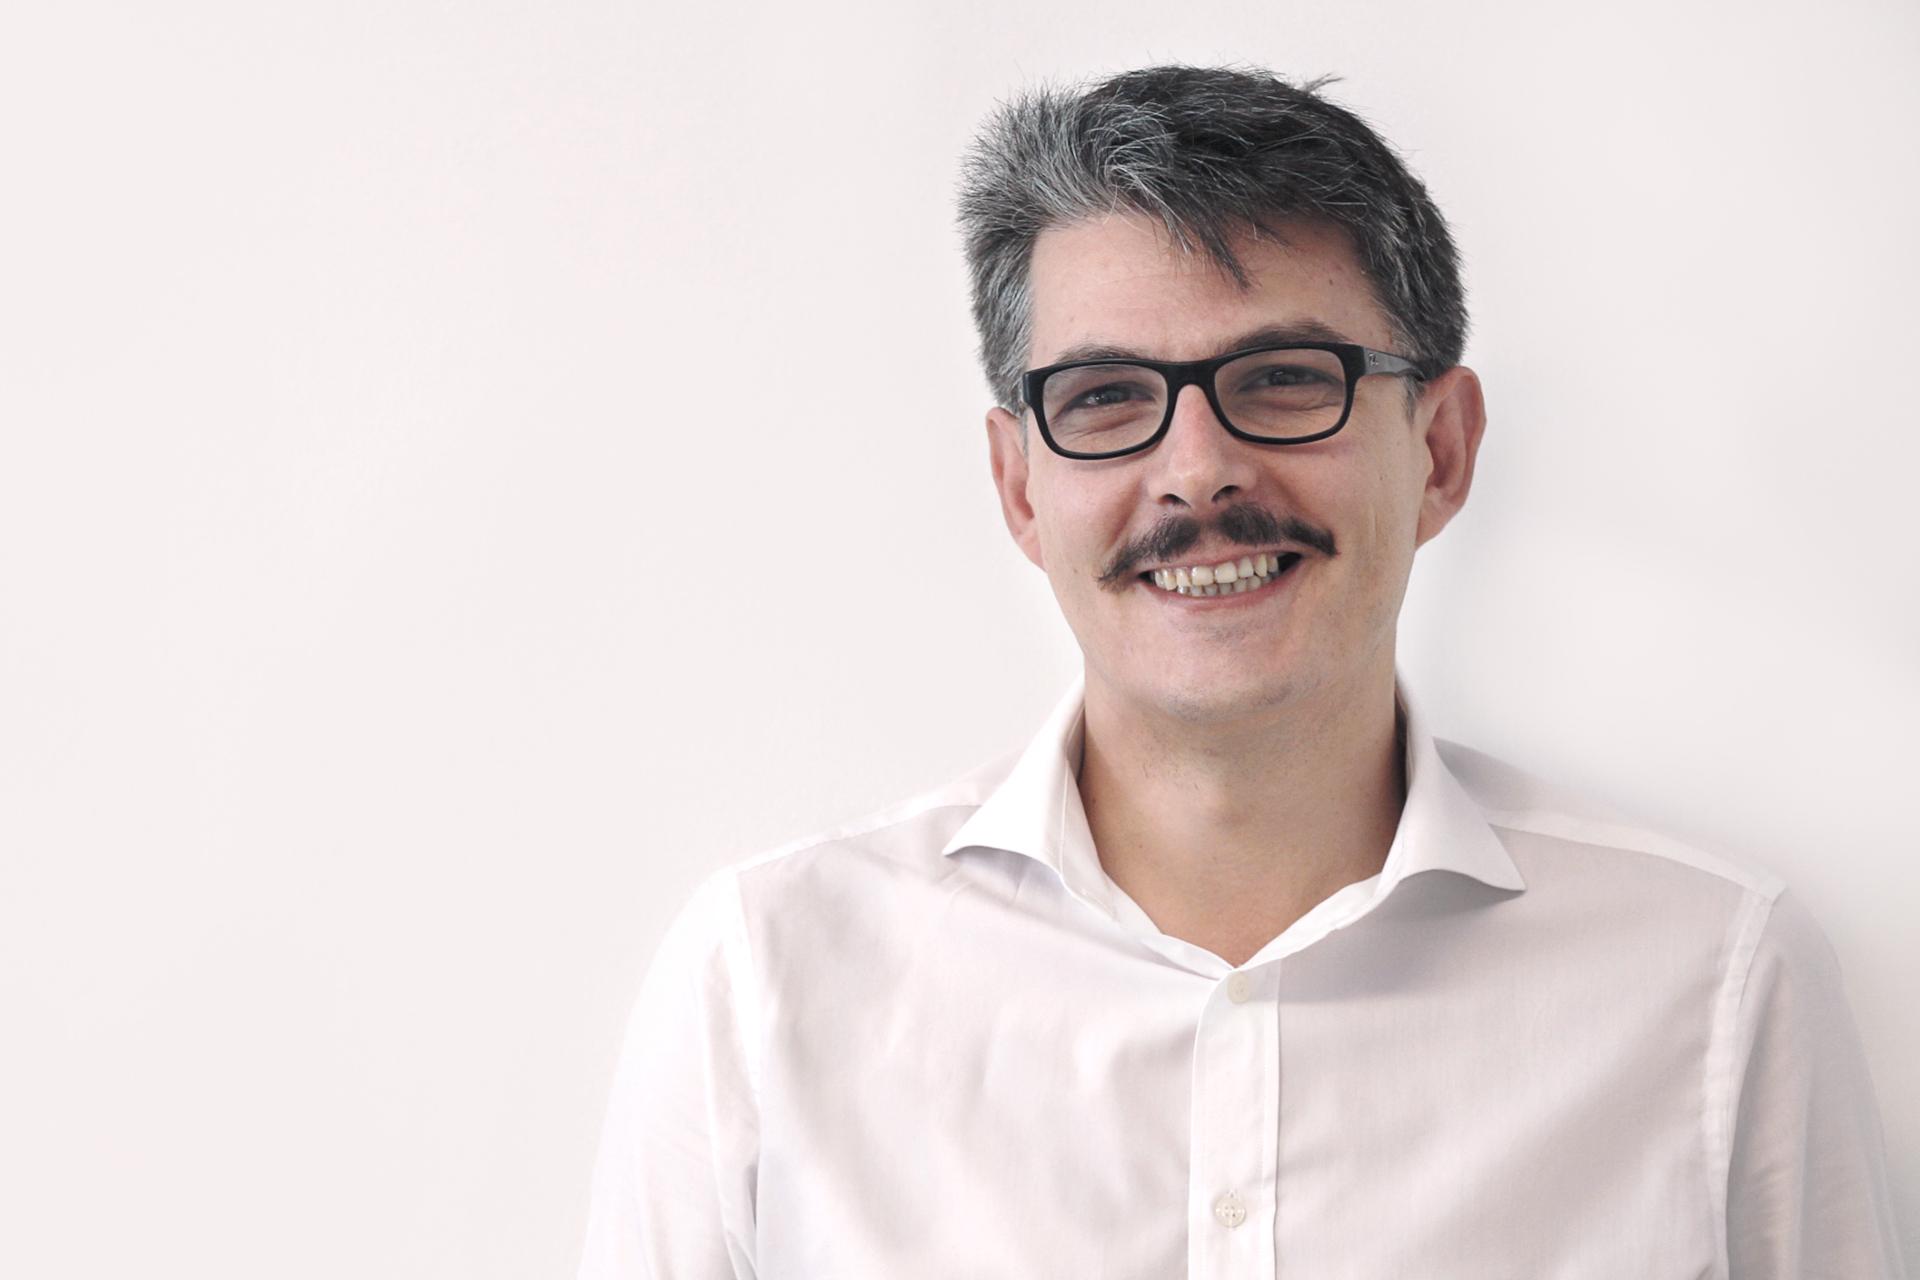 Giovanni Muretti